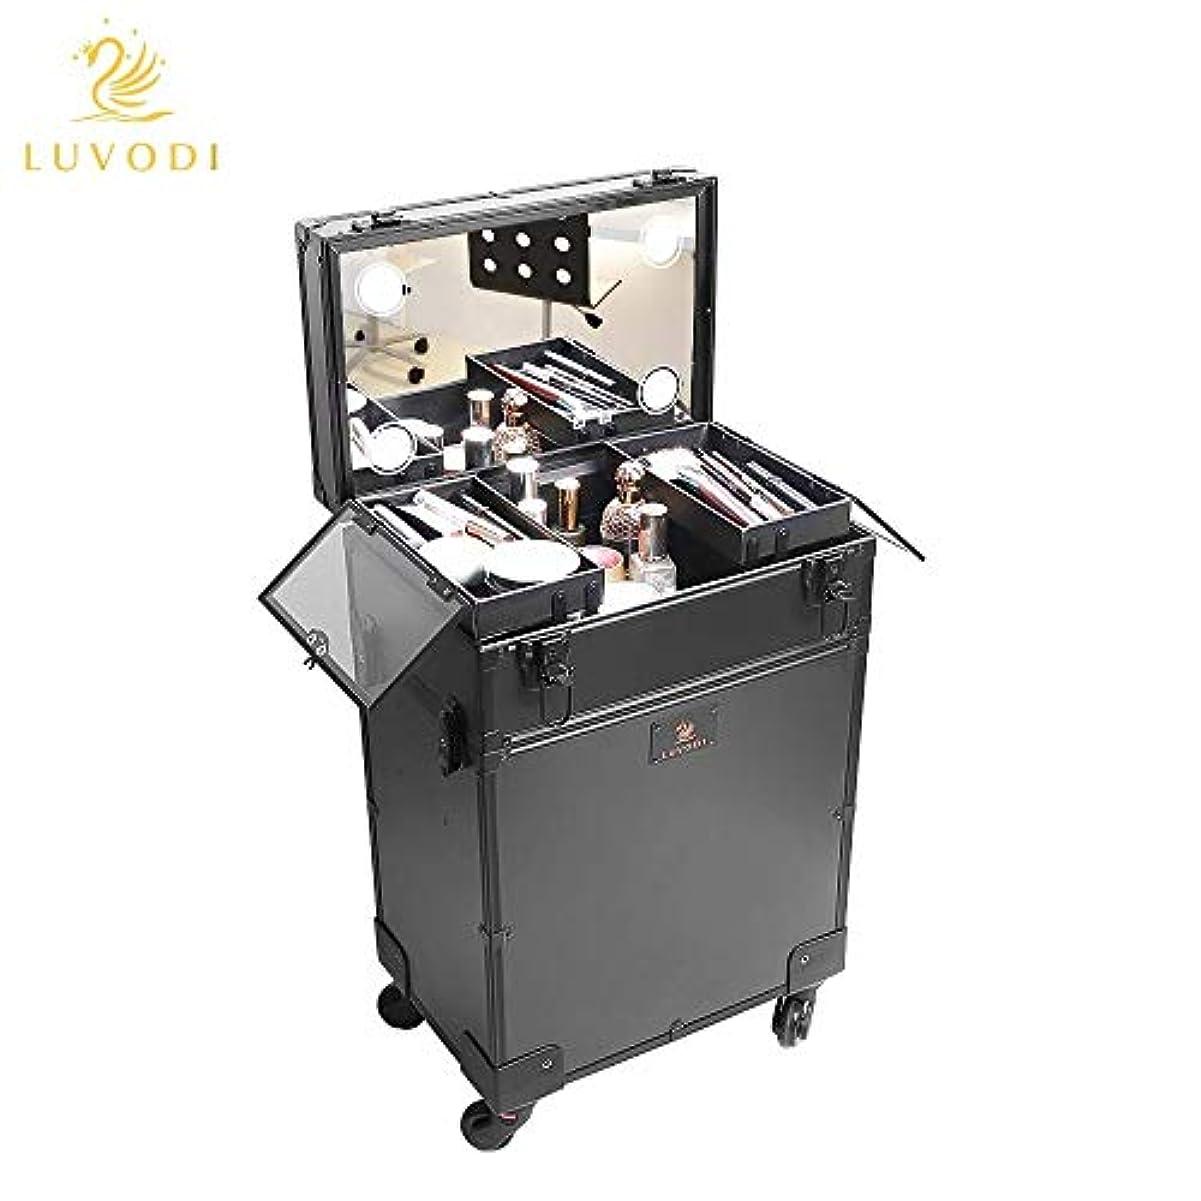 ペンフレンドウェイド教LUVODI メイクボックス 鏡付き 大容量 プロ用 メイクキャリーケース ミニドレッサー付き 鍵付き 持ち運び 美容師 業務 旅行 コスメ収納ボックス 化粧箱 ブラック